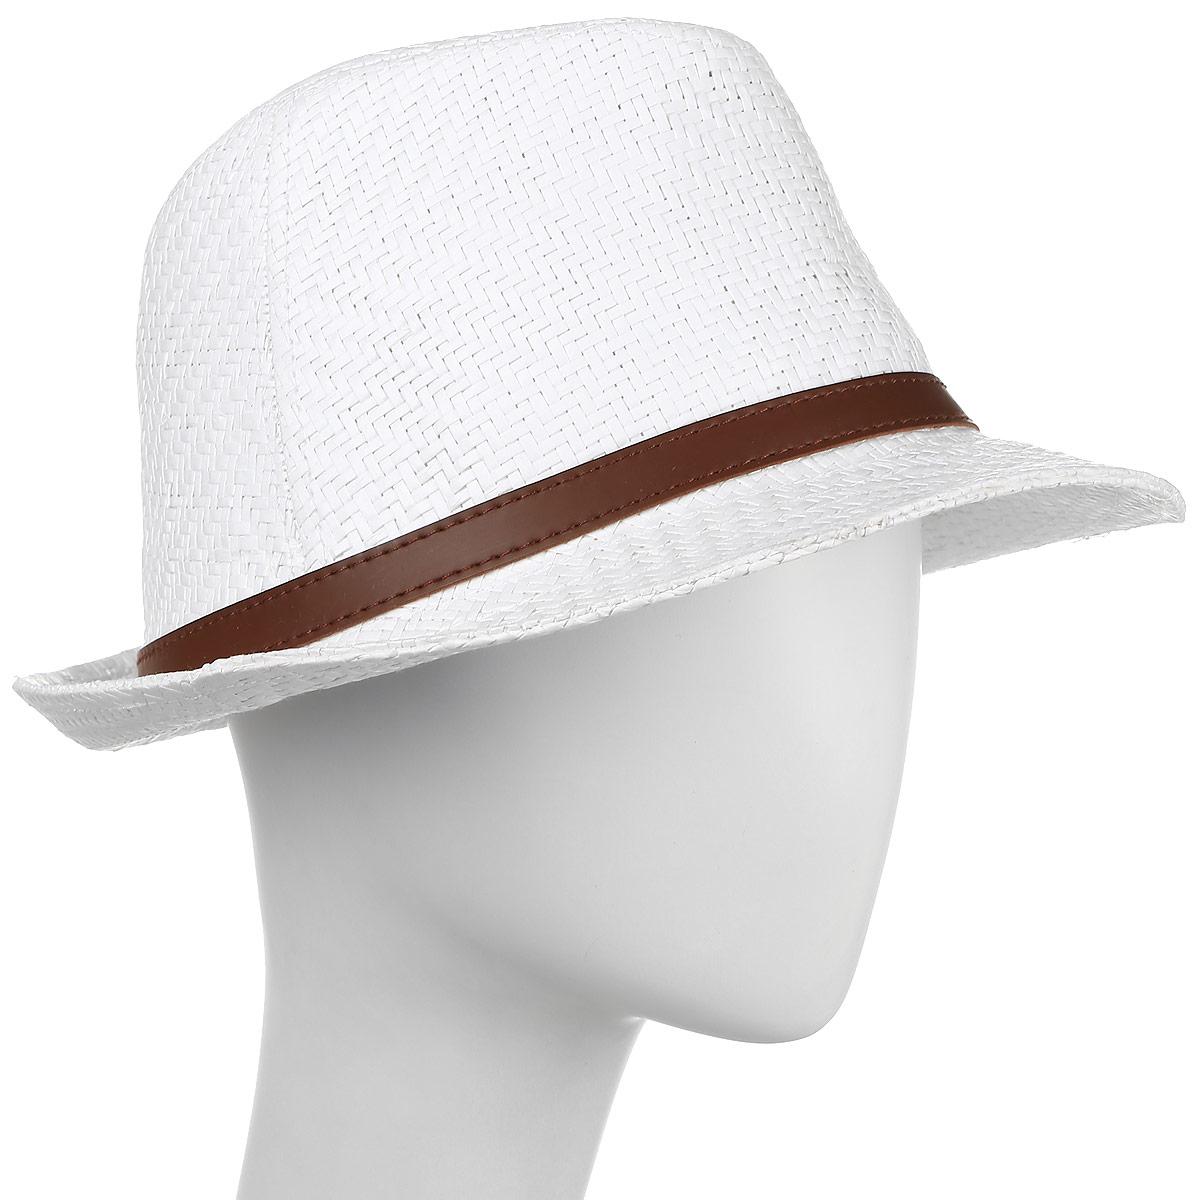 ШляпаHtM131002Классическая соломенная шляпа.